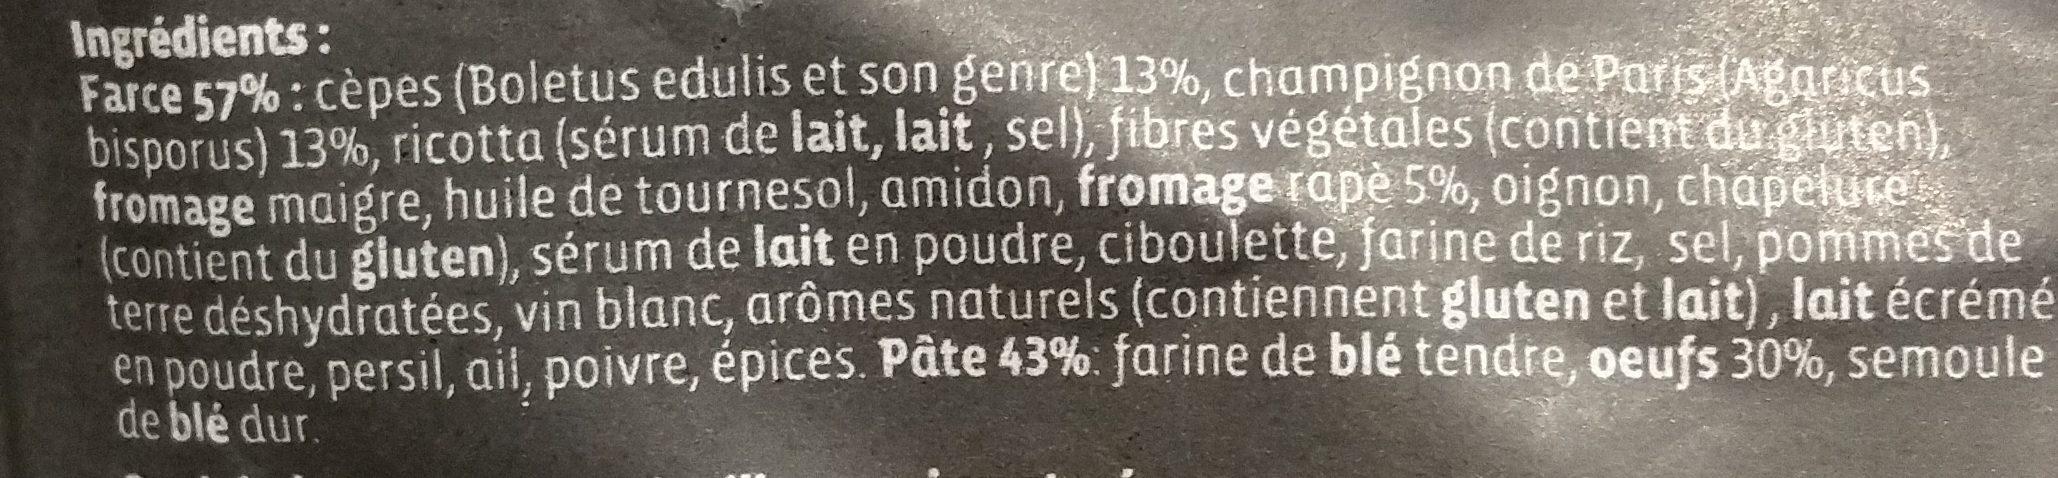 Gourmet - Grand ravioli Cèpes, Fromage & Champignons Émincés - Ingrediënten